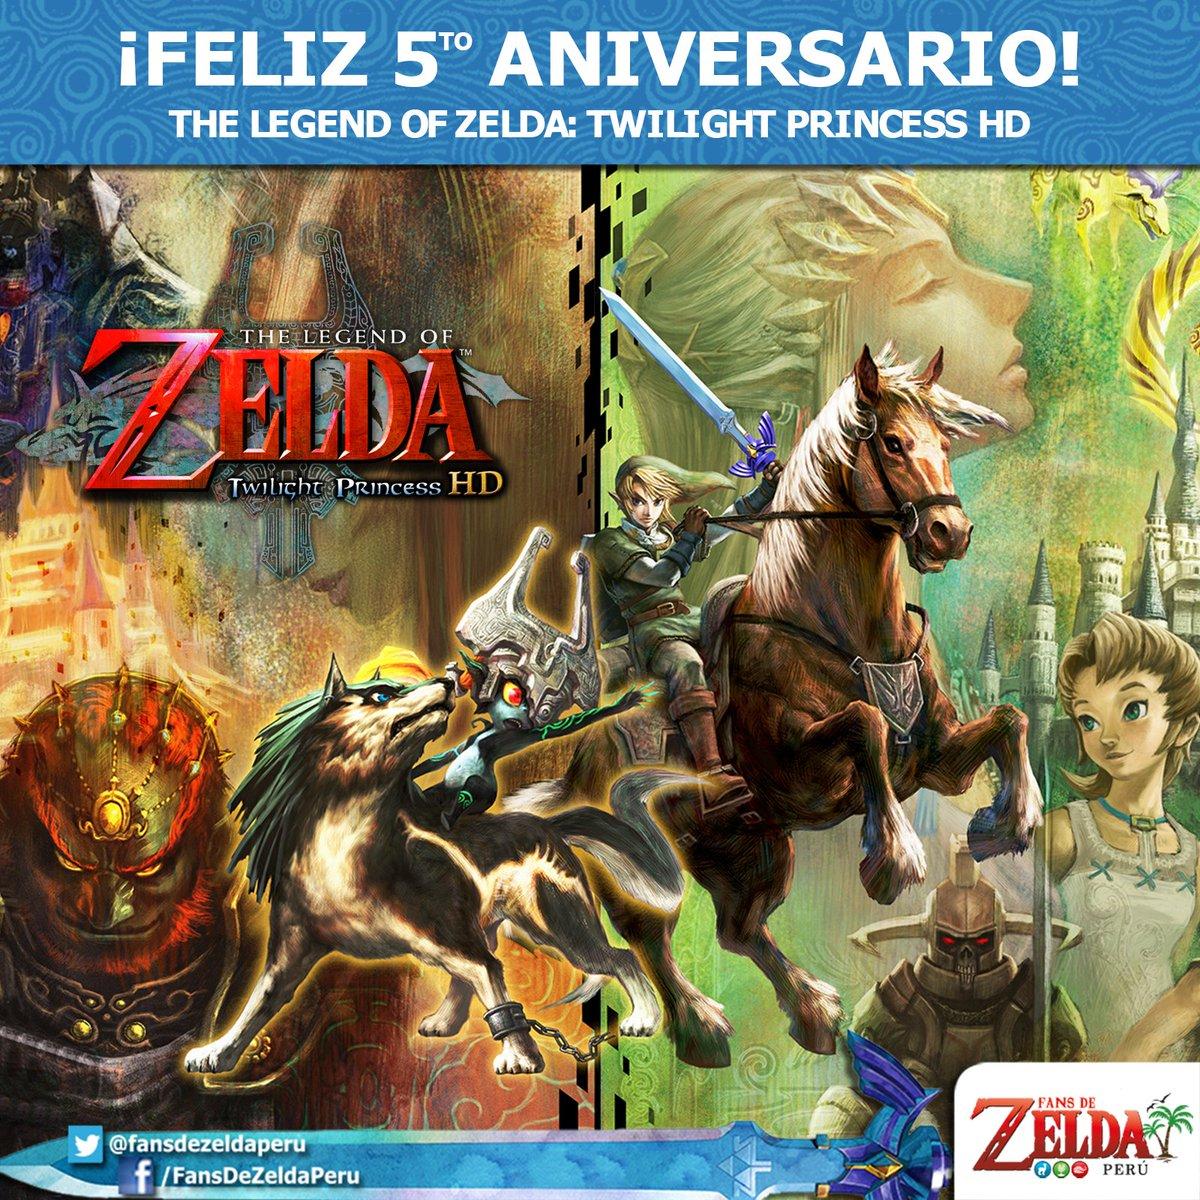 #UnDíaComoHoy en el 2016 se lanzó al mercado The Legend of Zelda: Twilight Princess HD en la #WiiU.  Esta nueva edición en HD fue desarrollada por Tantalus Media y salió a la venta con una figura #Amiibo de Link lobo. ¡Feliz 5to aniversario! 😃  #Zelda #Nintendo #TwilightPrincess